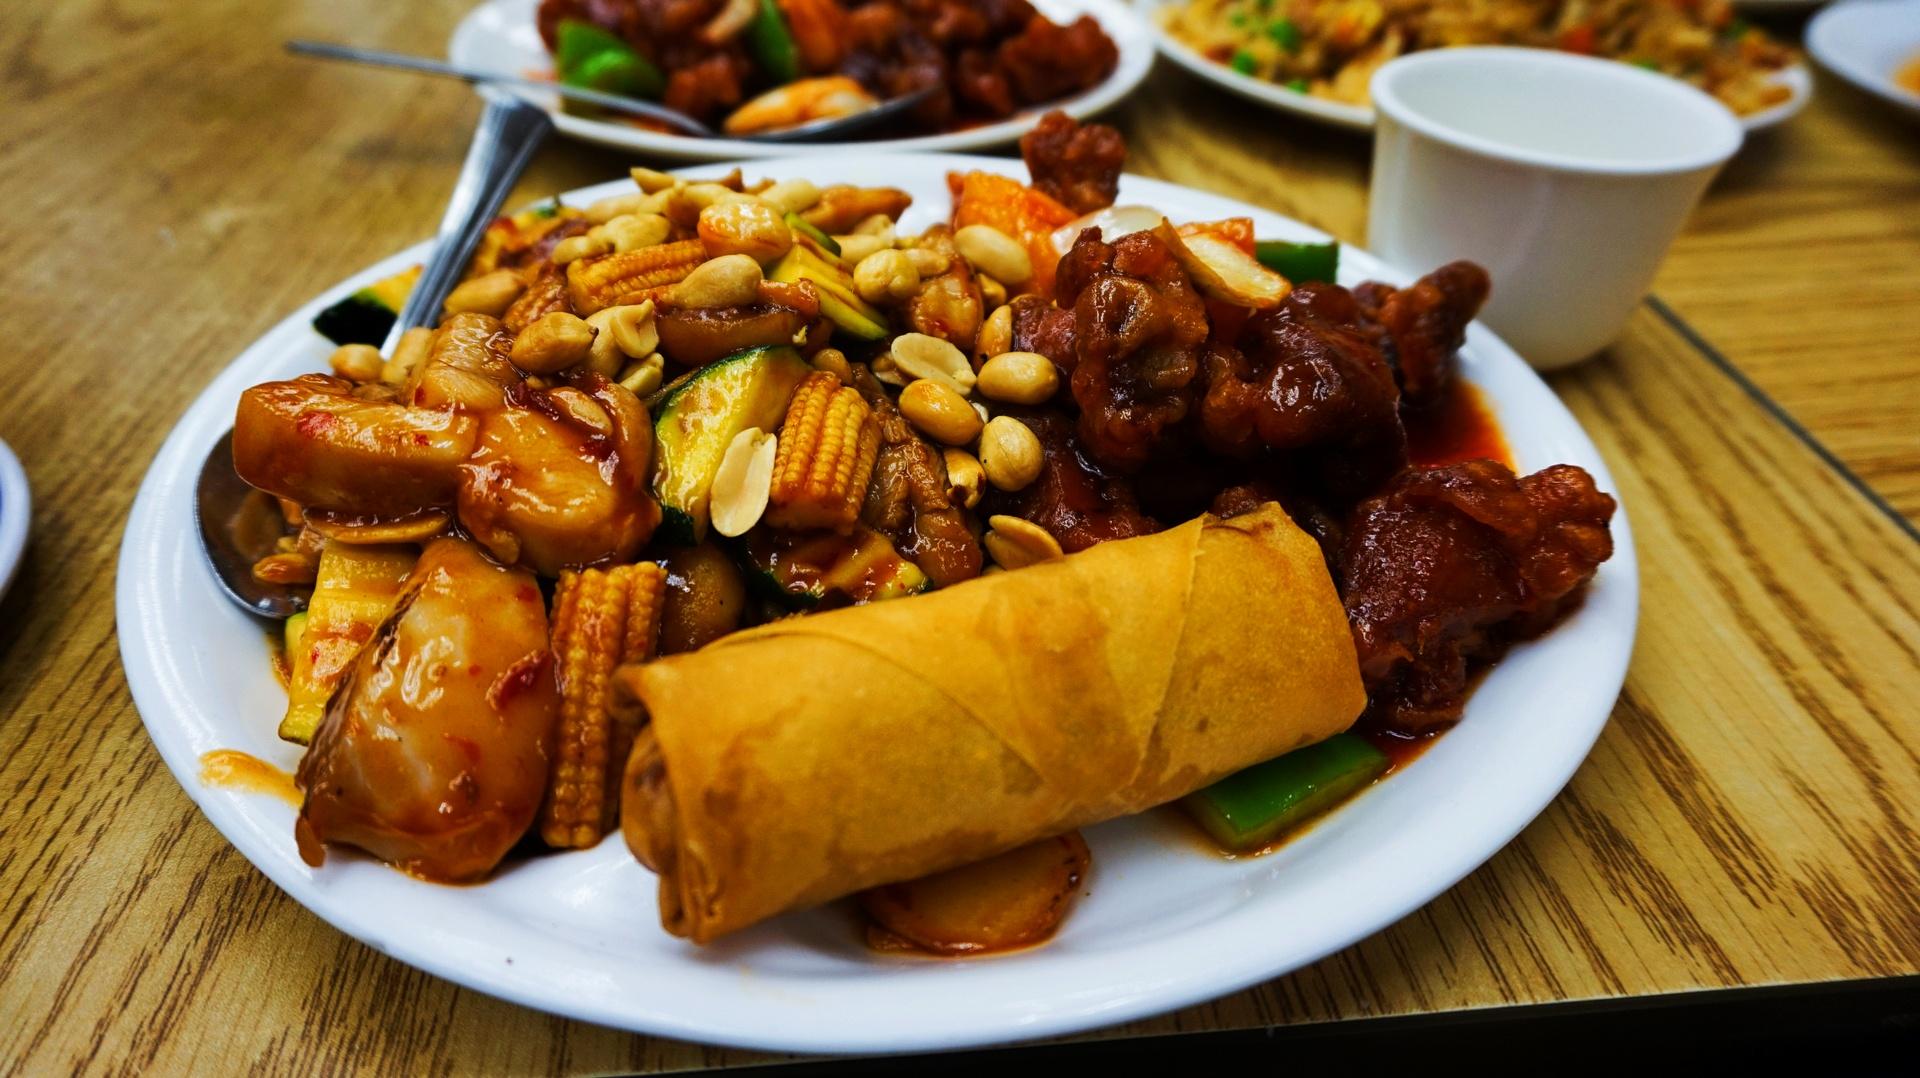 Chińska potrawa w Chinatown, San Francisco, USA | Sway the way